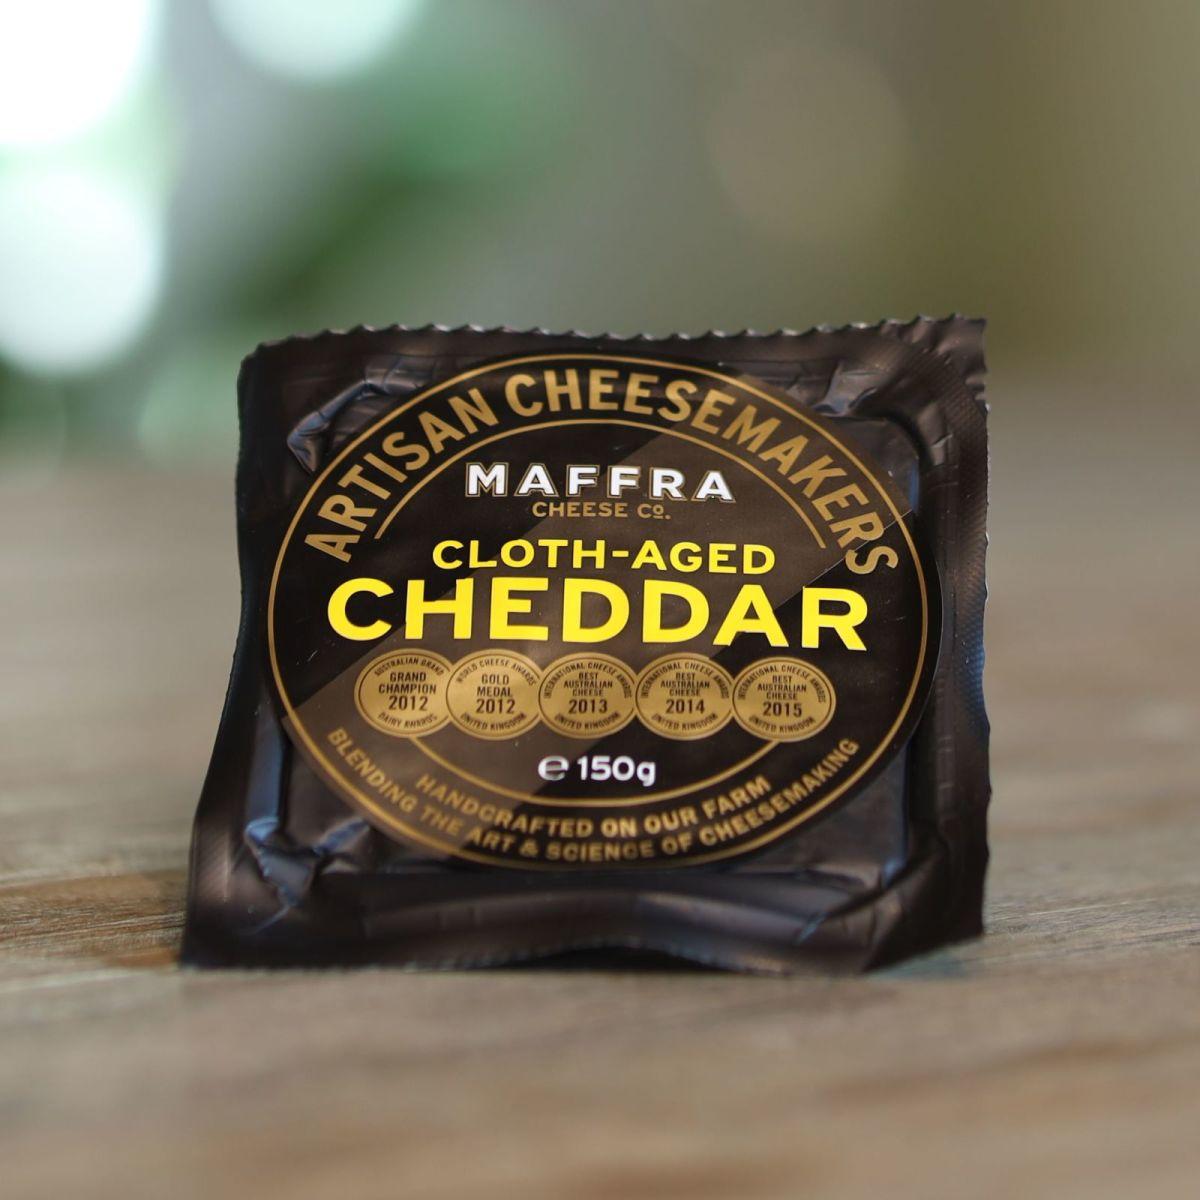 Maffra Cheese Co. - Cloth-Aged Cheddar